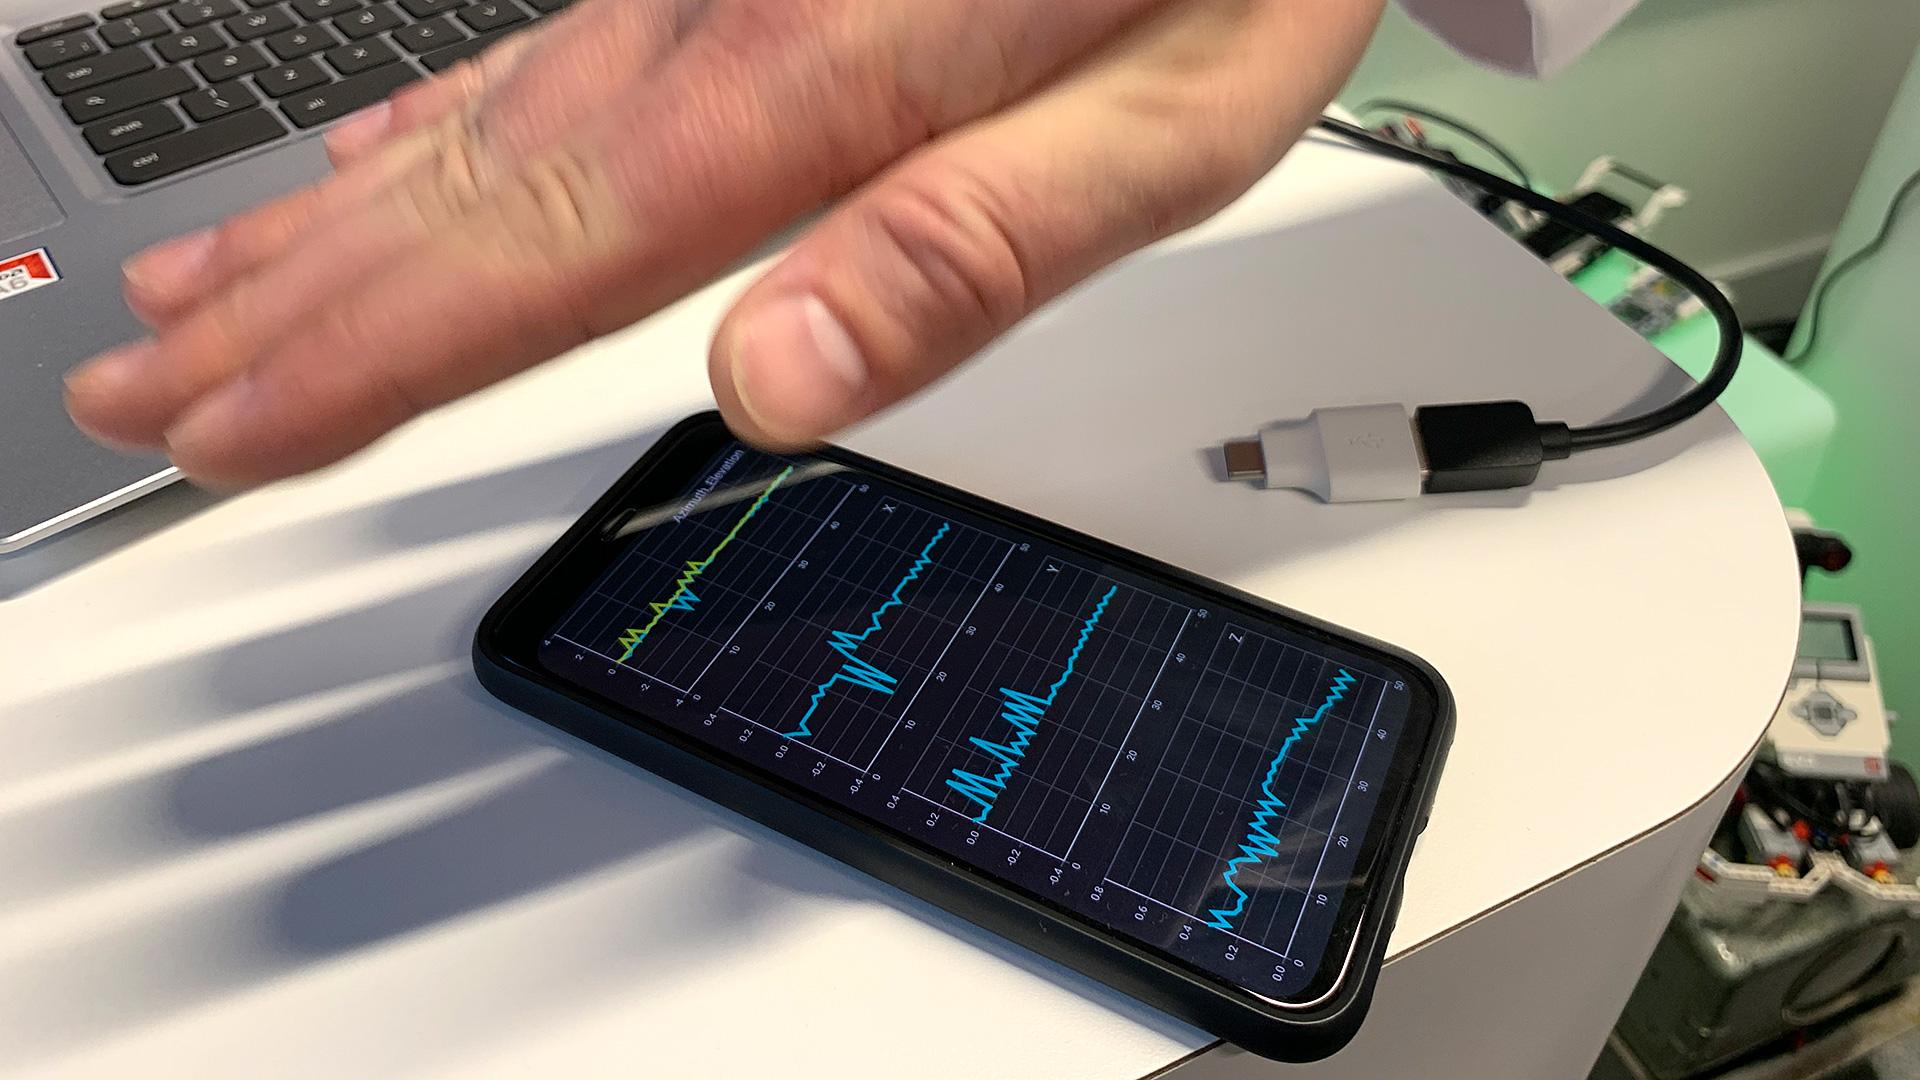 Radarsteuerung im Pixel 4